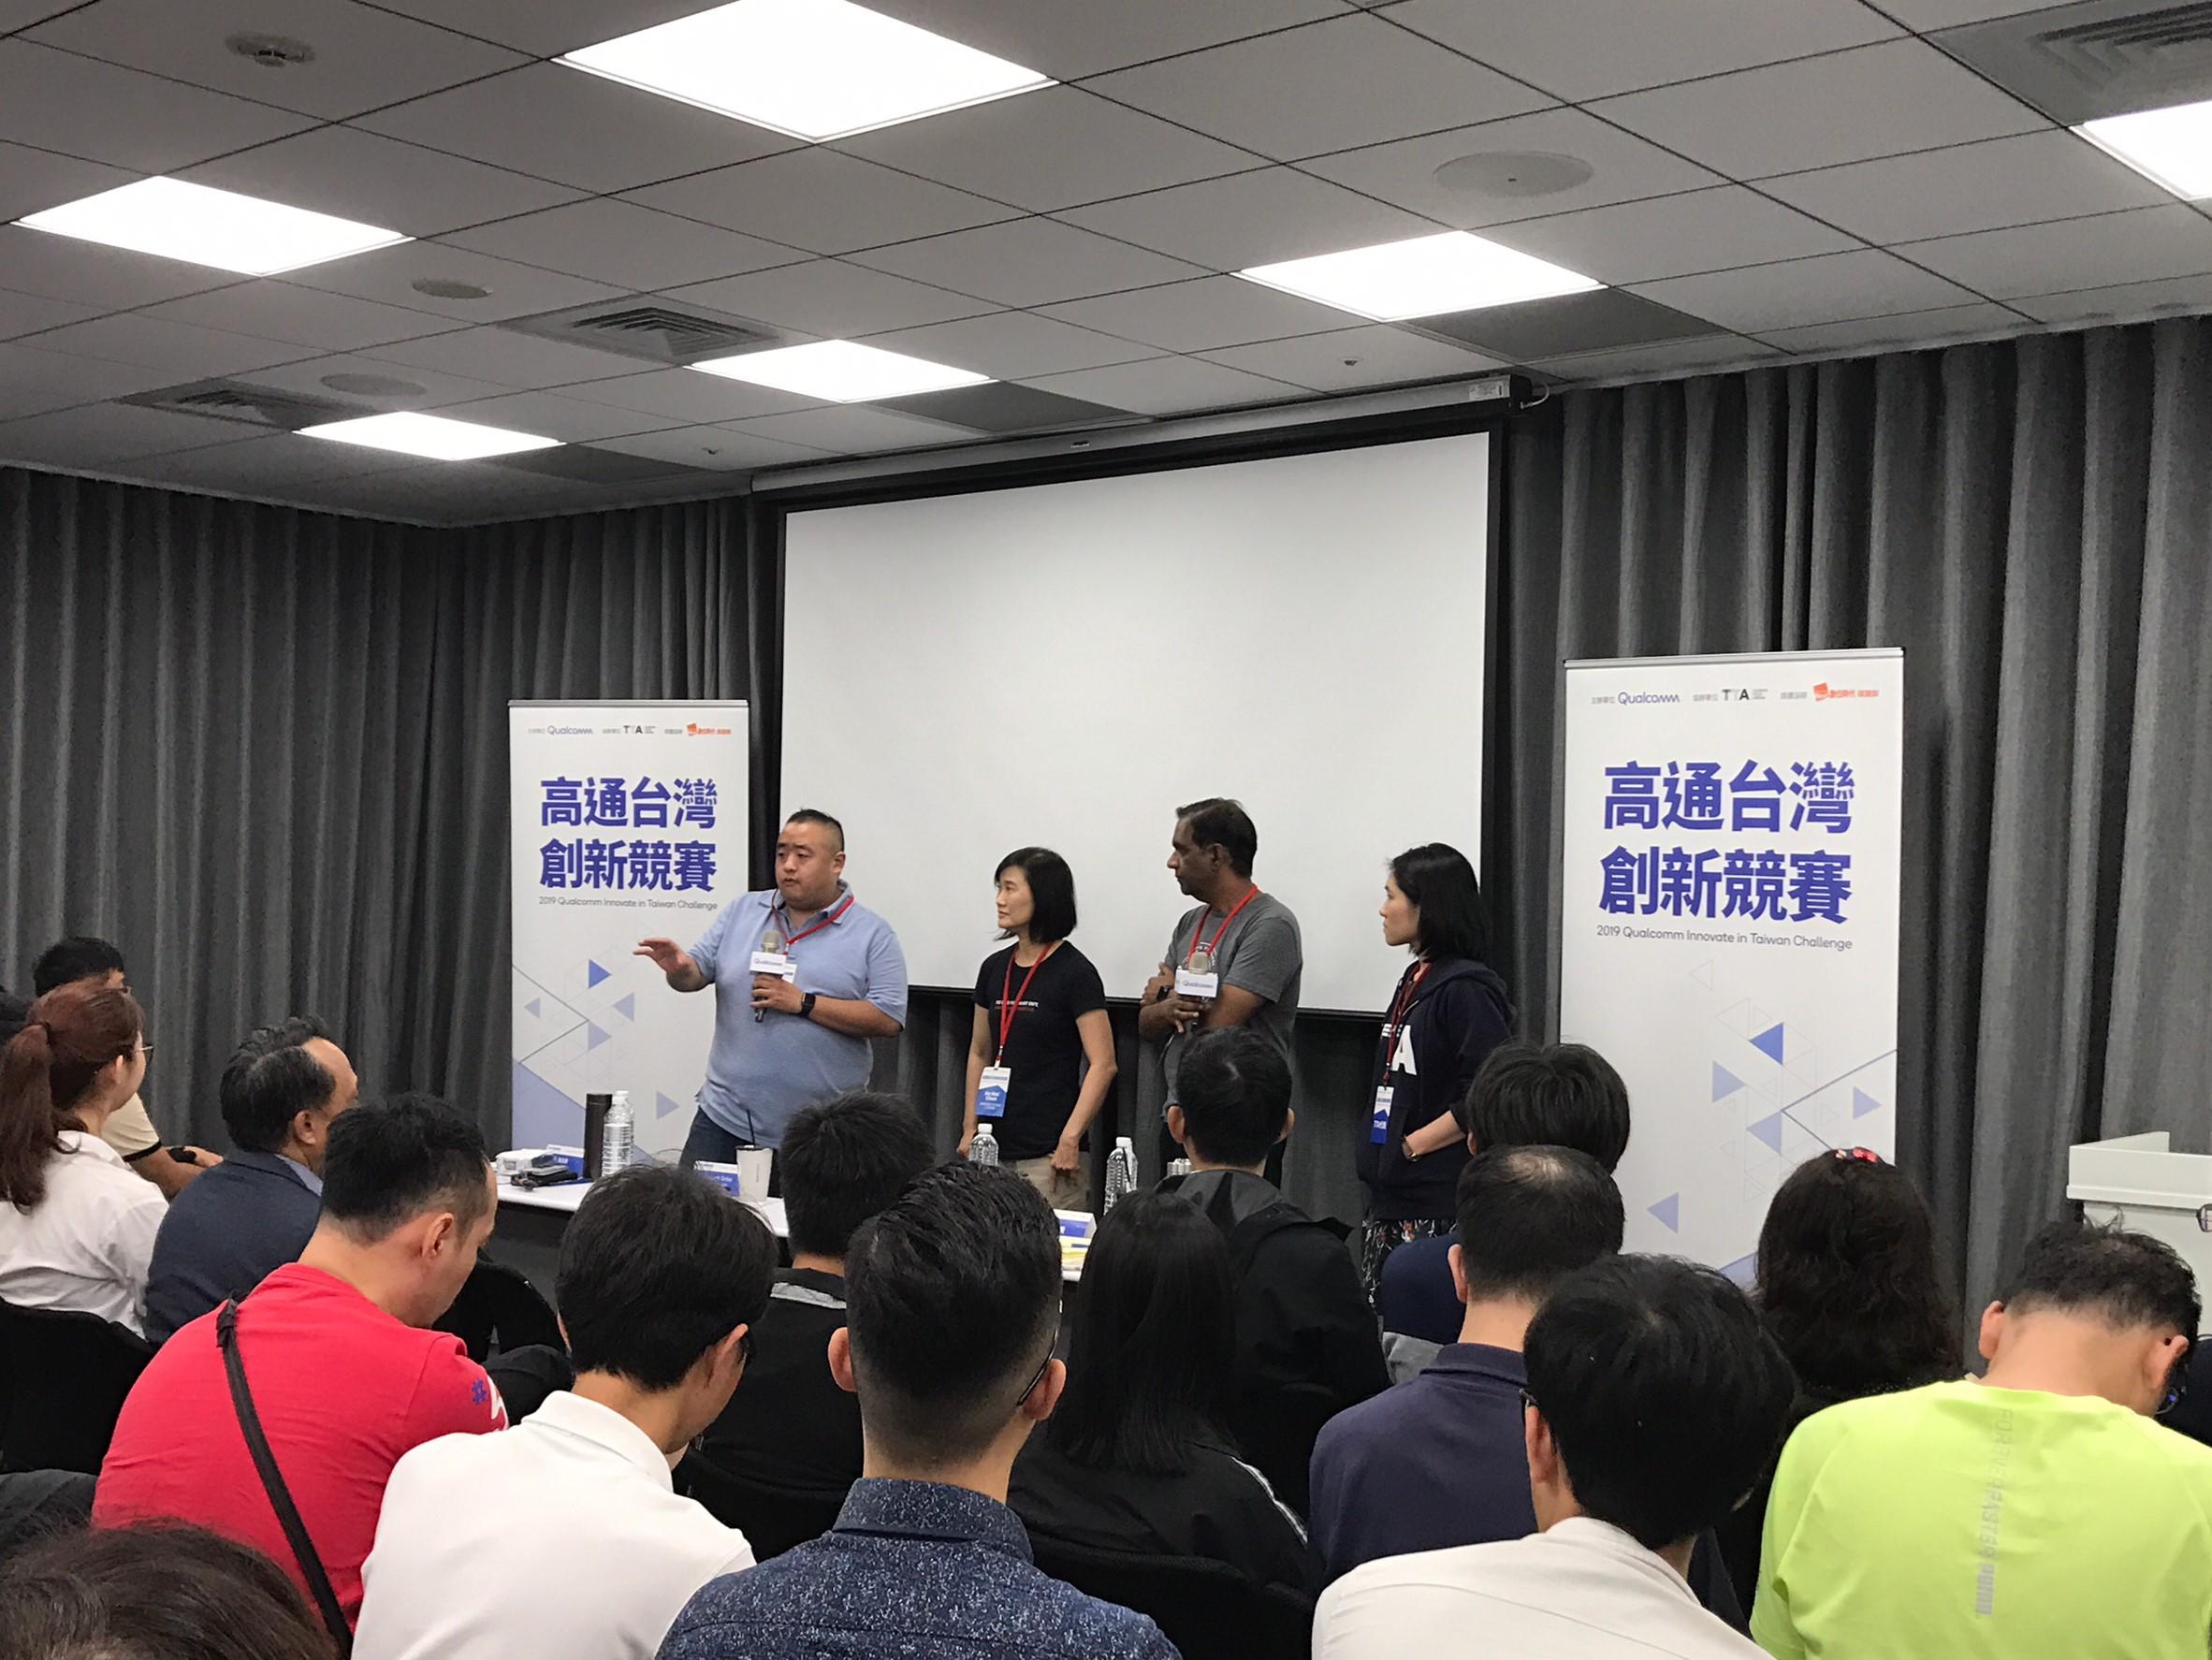 2019高通台灣創新競賽全台巡迴說明會